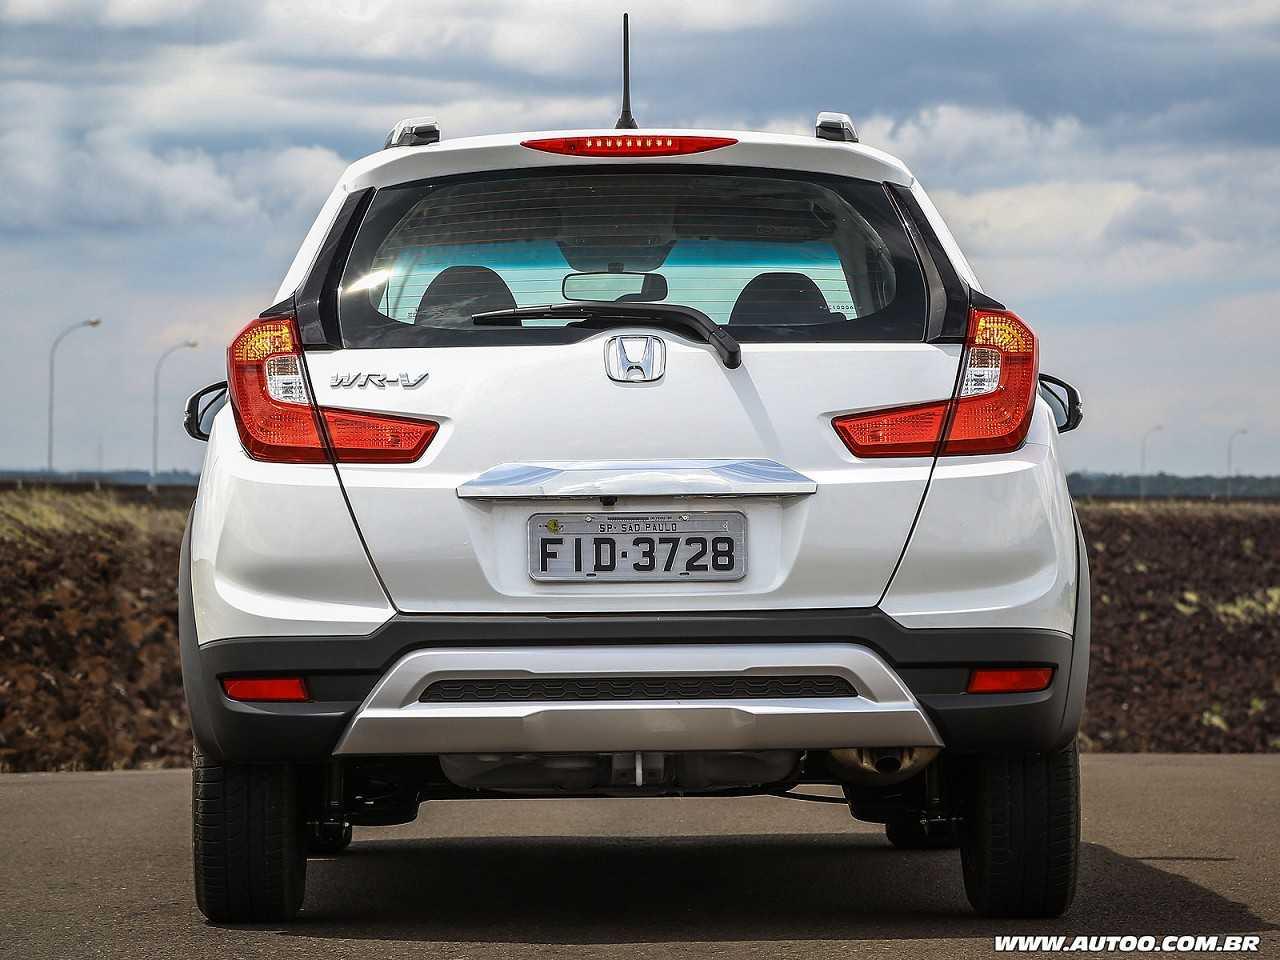 HondaWR-V 2018 - traseira